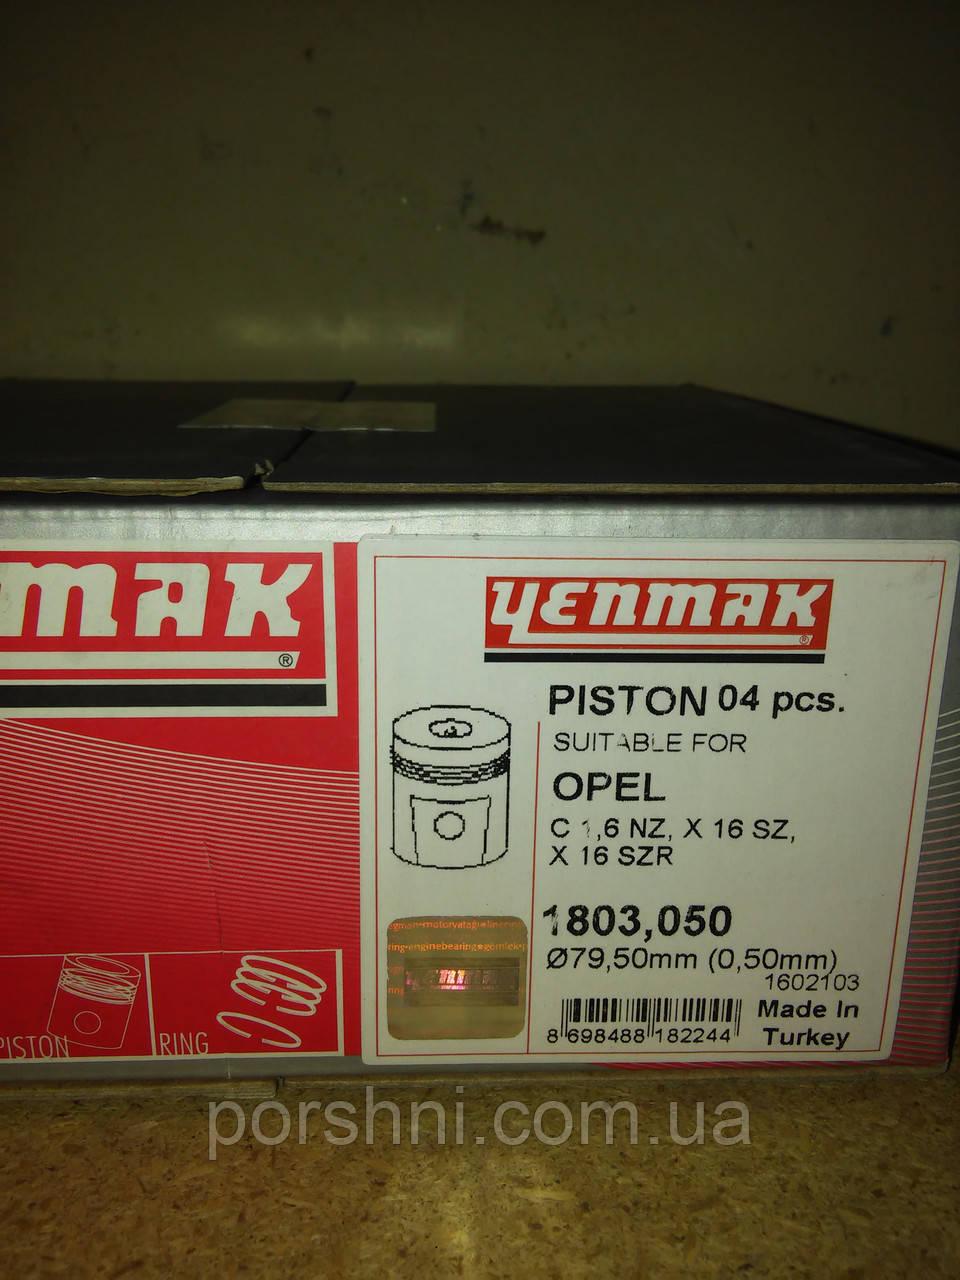 Поршни Yenmak  Опель Астра Кадет Вектра 1,6 мотор C16NZ поршни первый ремонт размер 79,5 без колец,